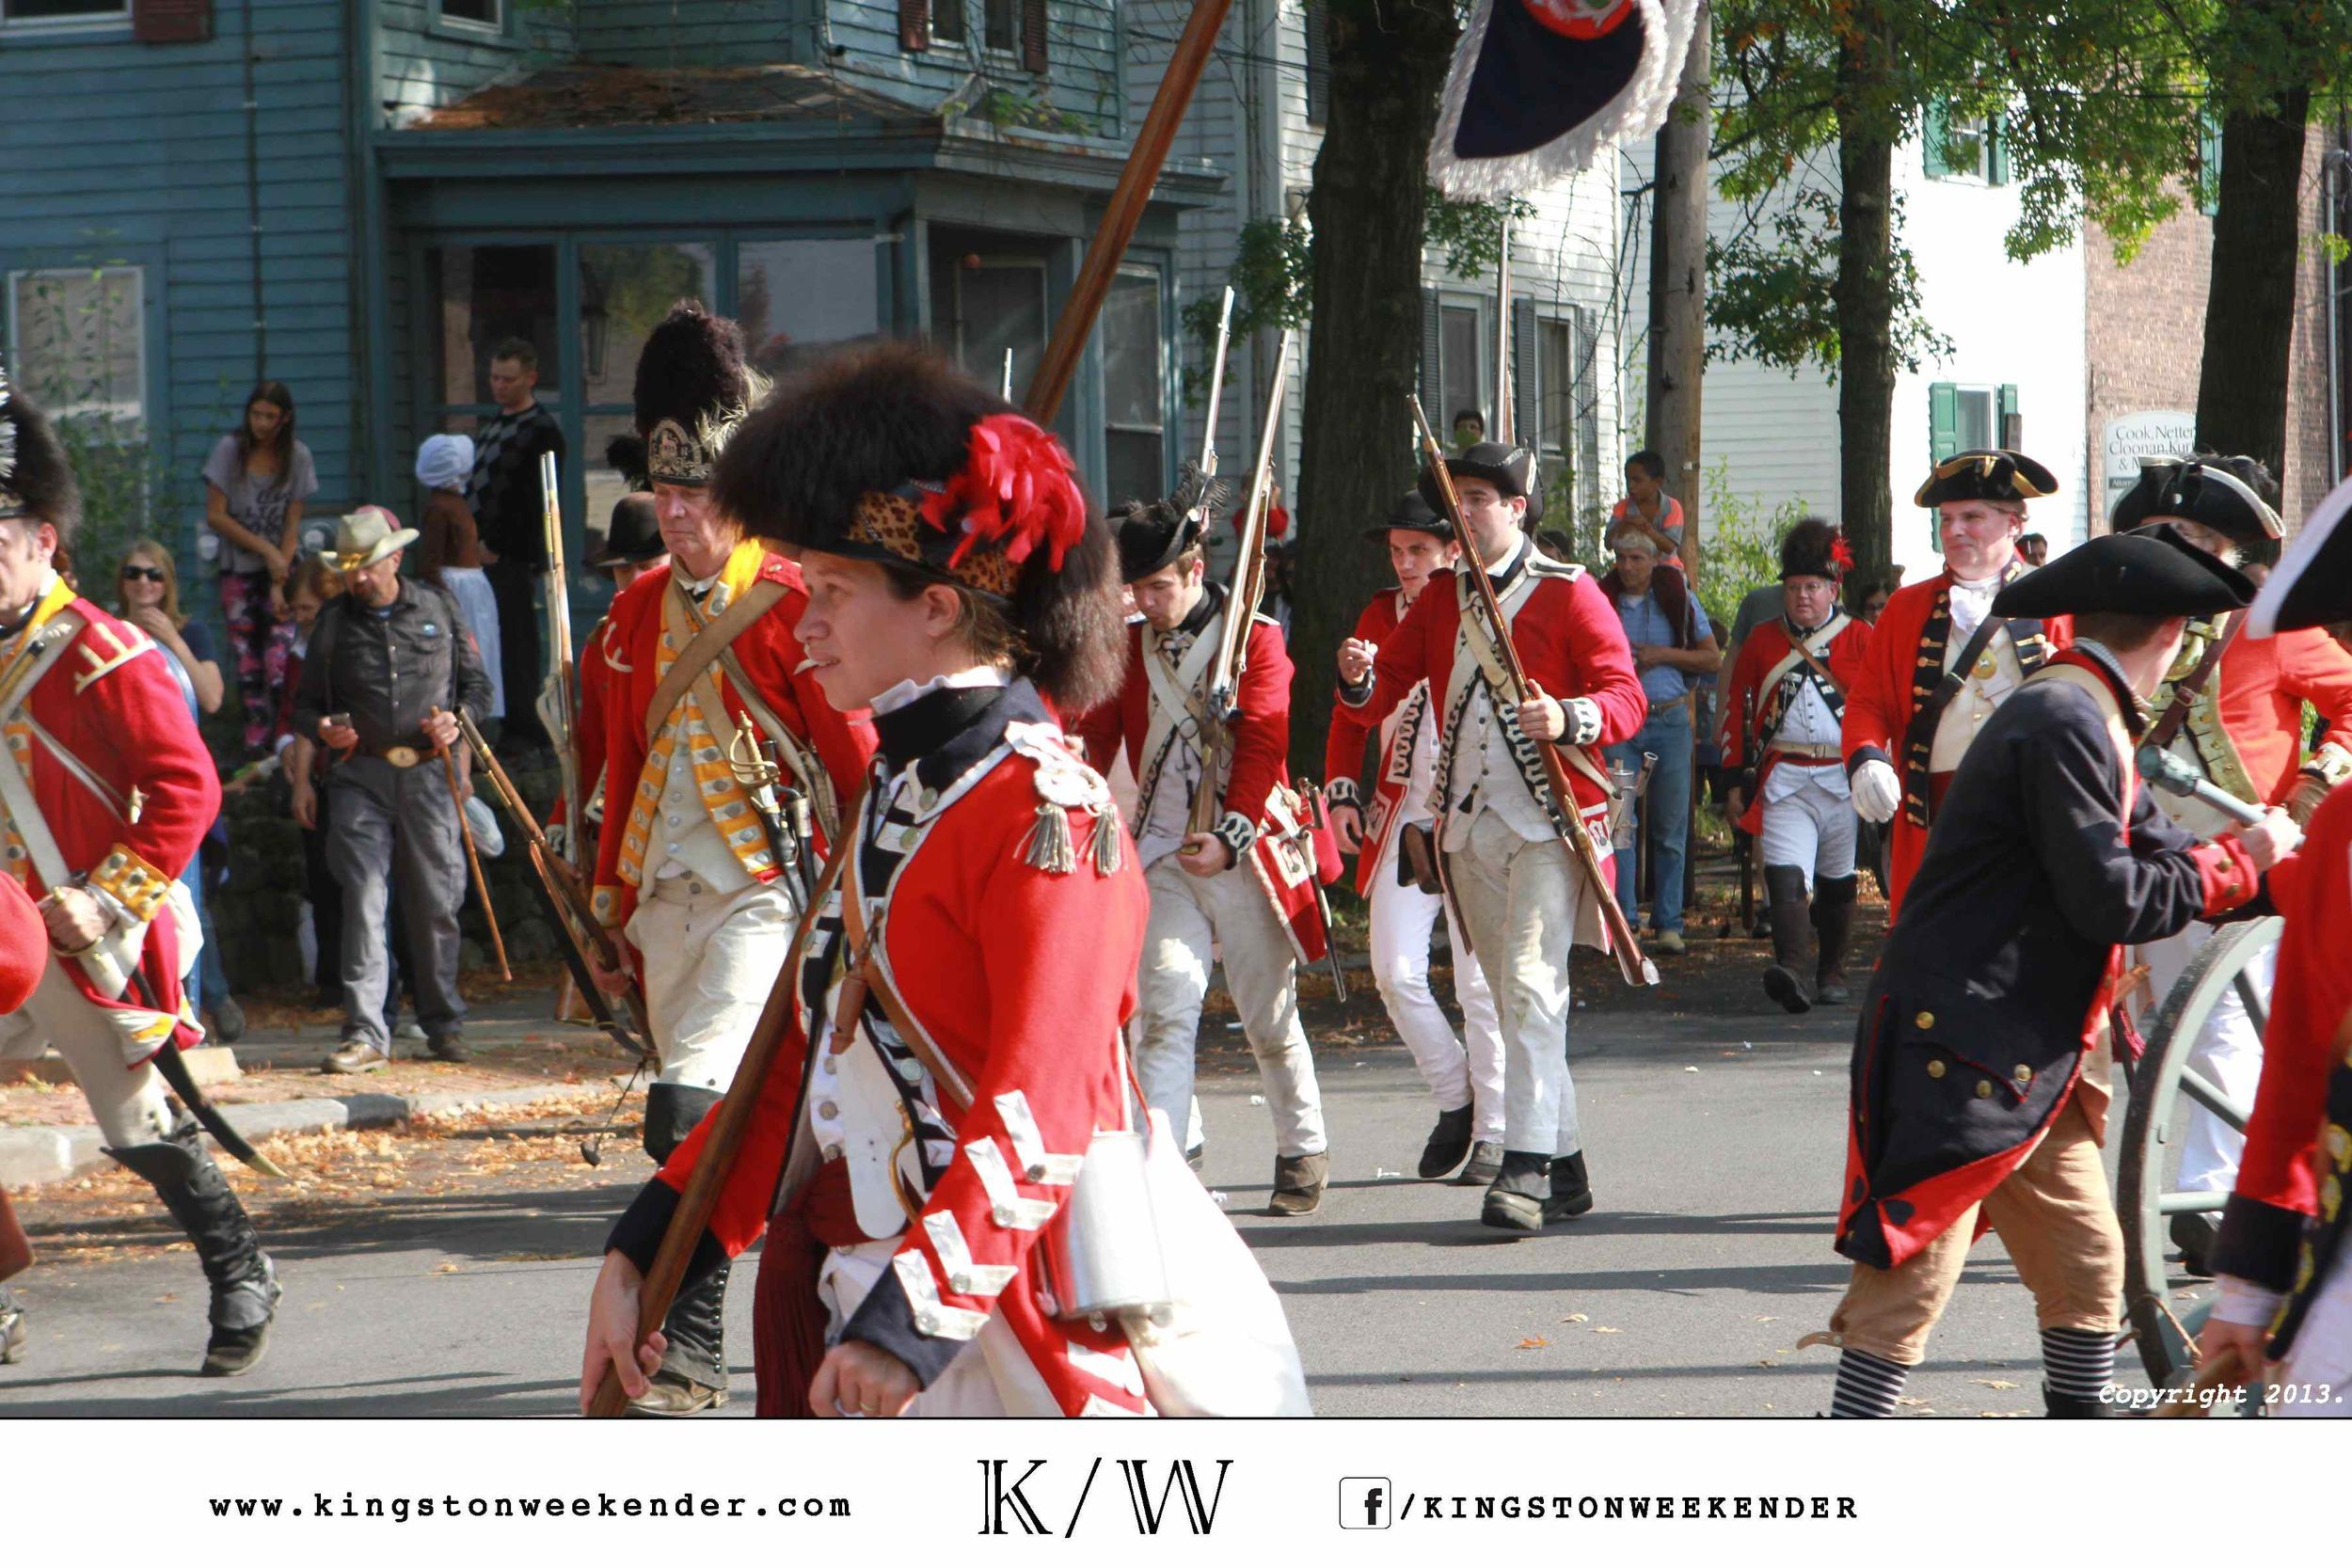 kingston-weekender-photo-credits49.jpg